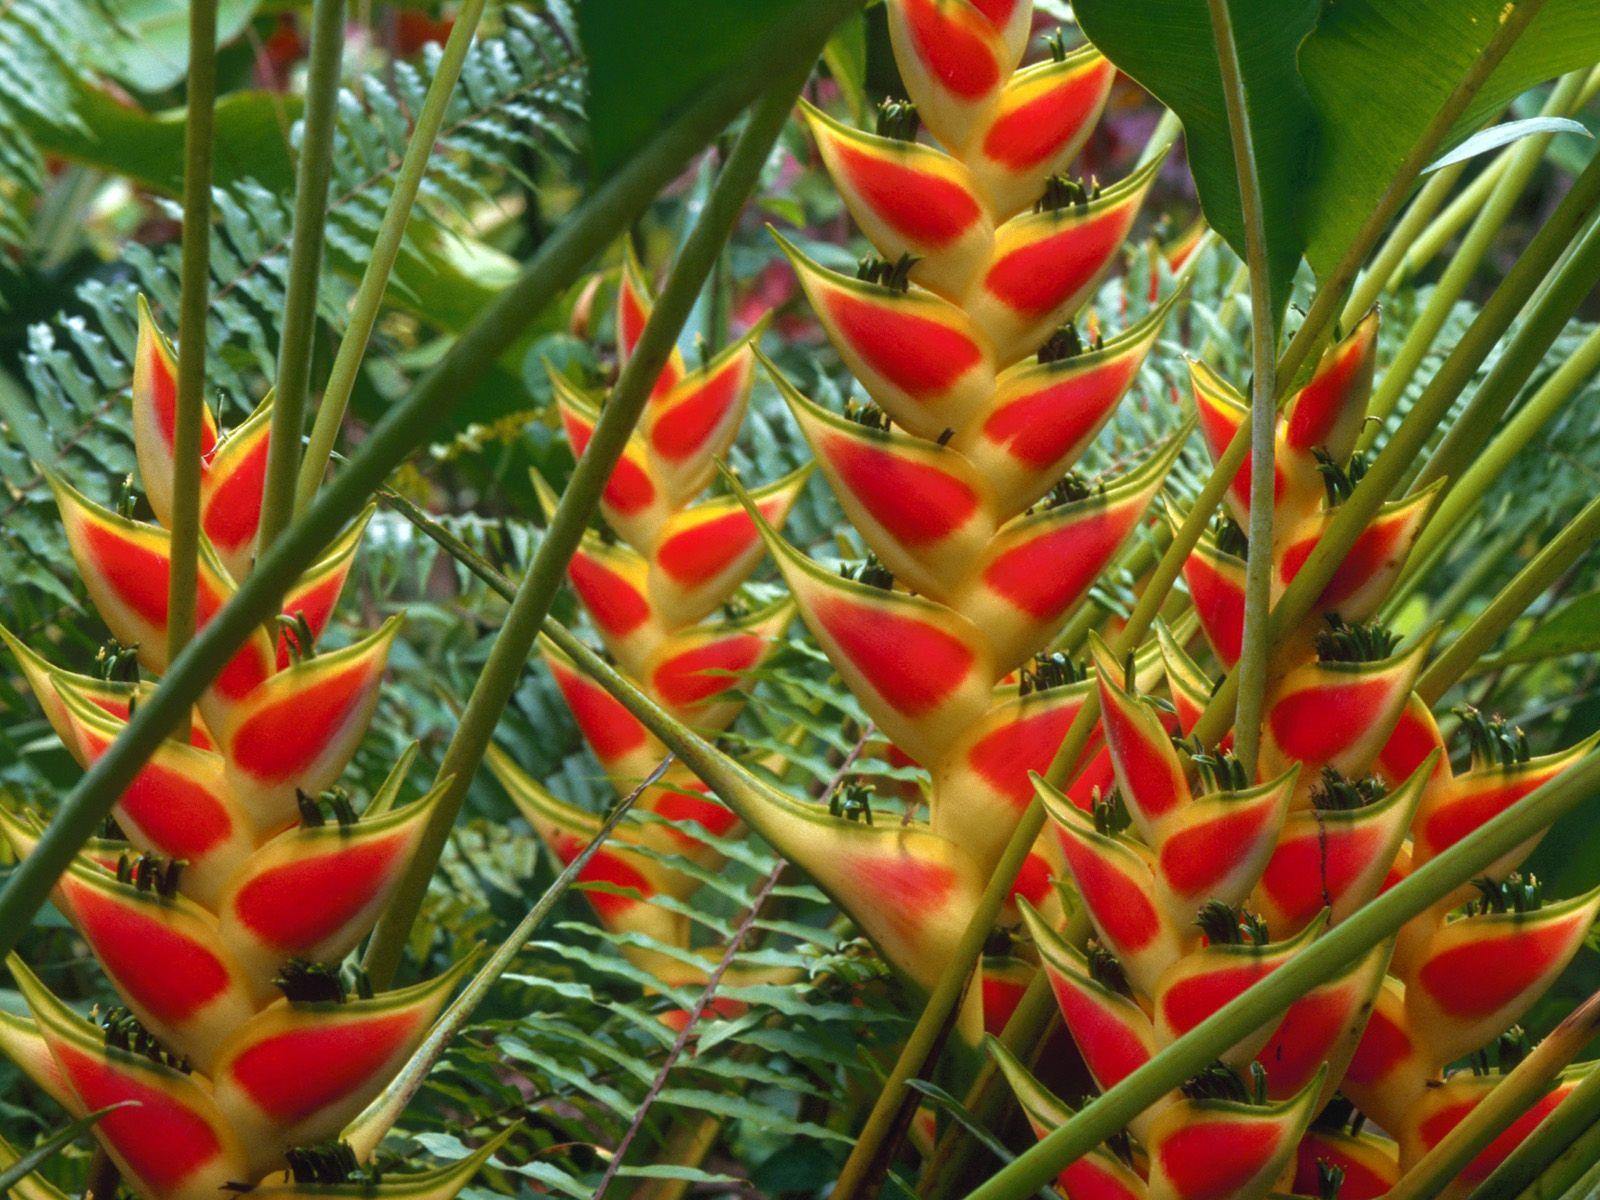 Heliconia La Planta Preferida En Jardines Tropicales Y: Heliconias, St. Lucia